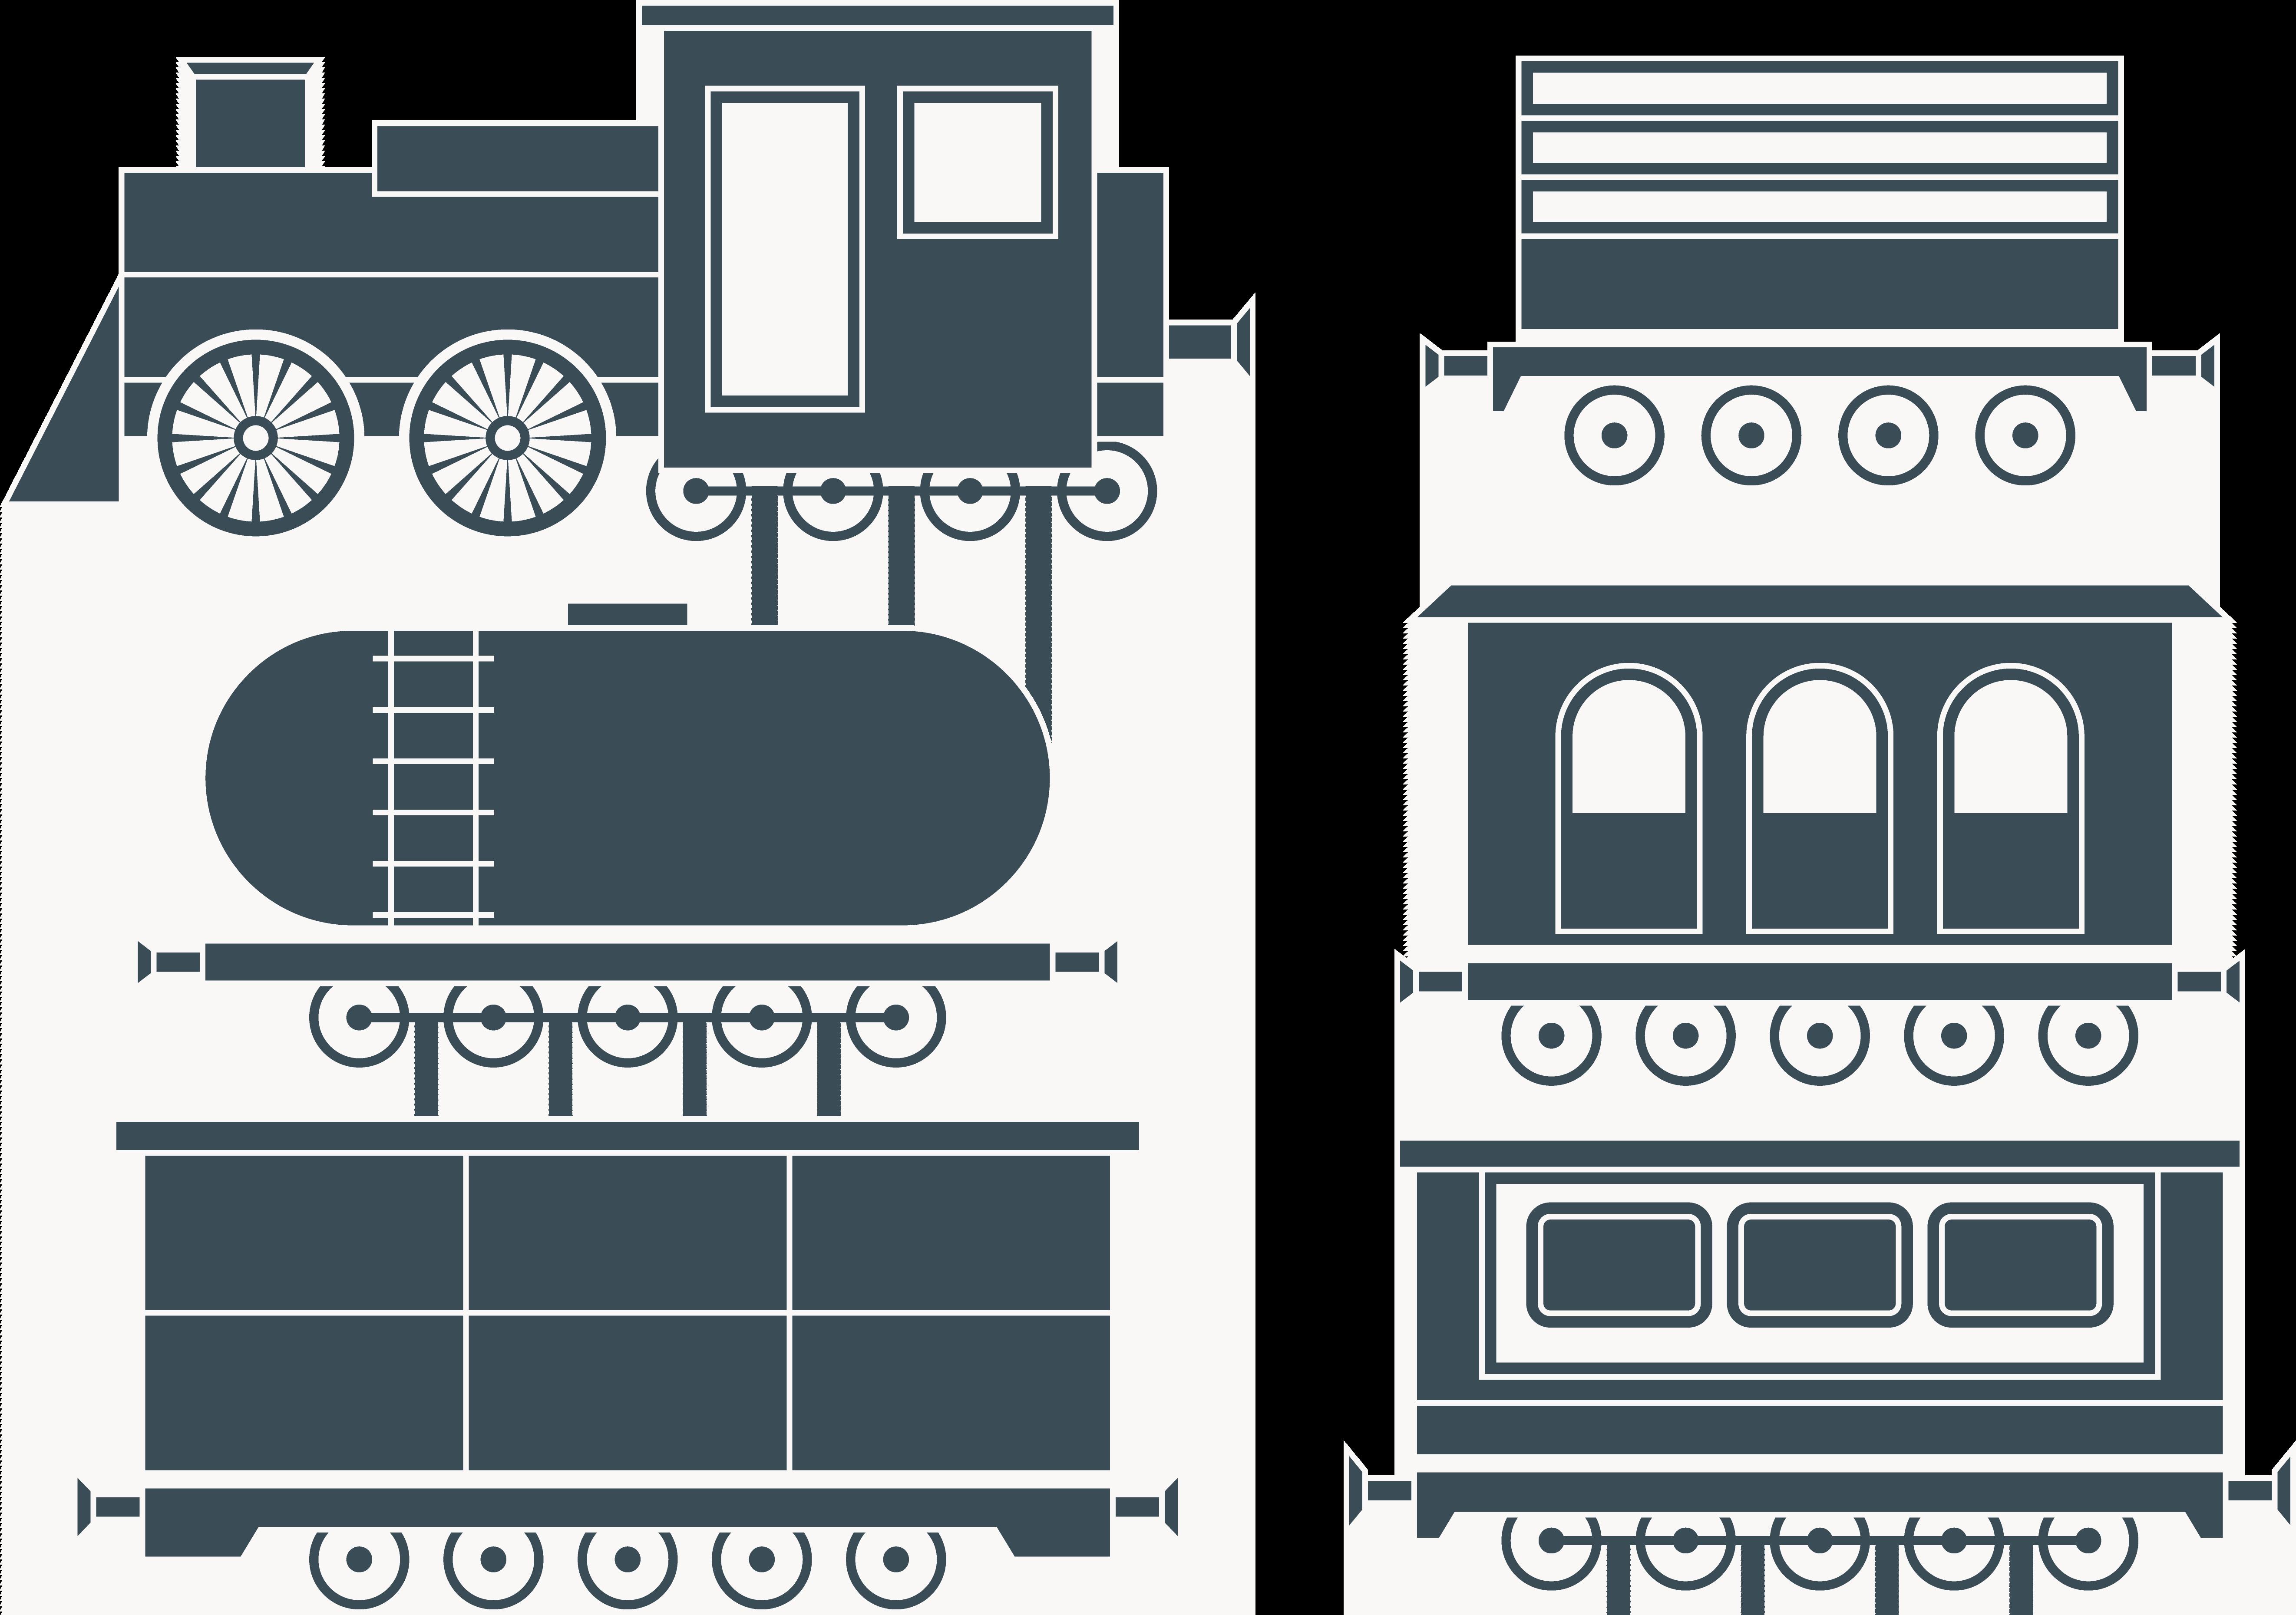 Car steam locomotive cartoon. Clipart train passenger train